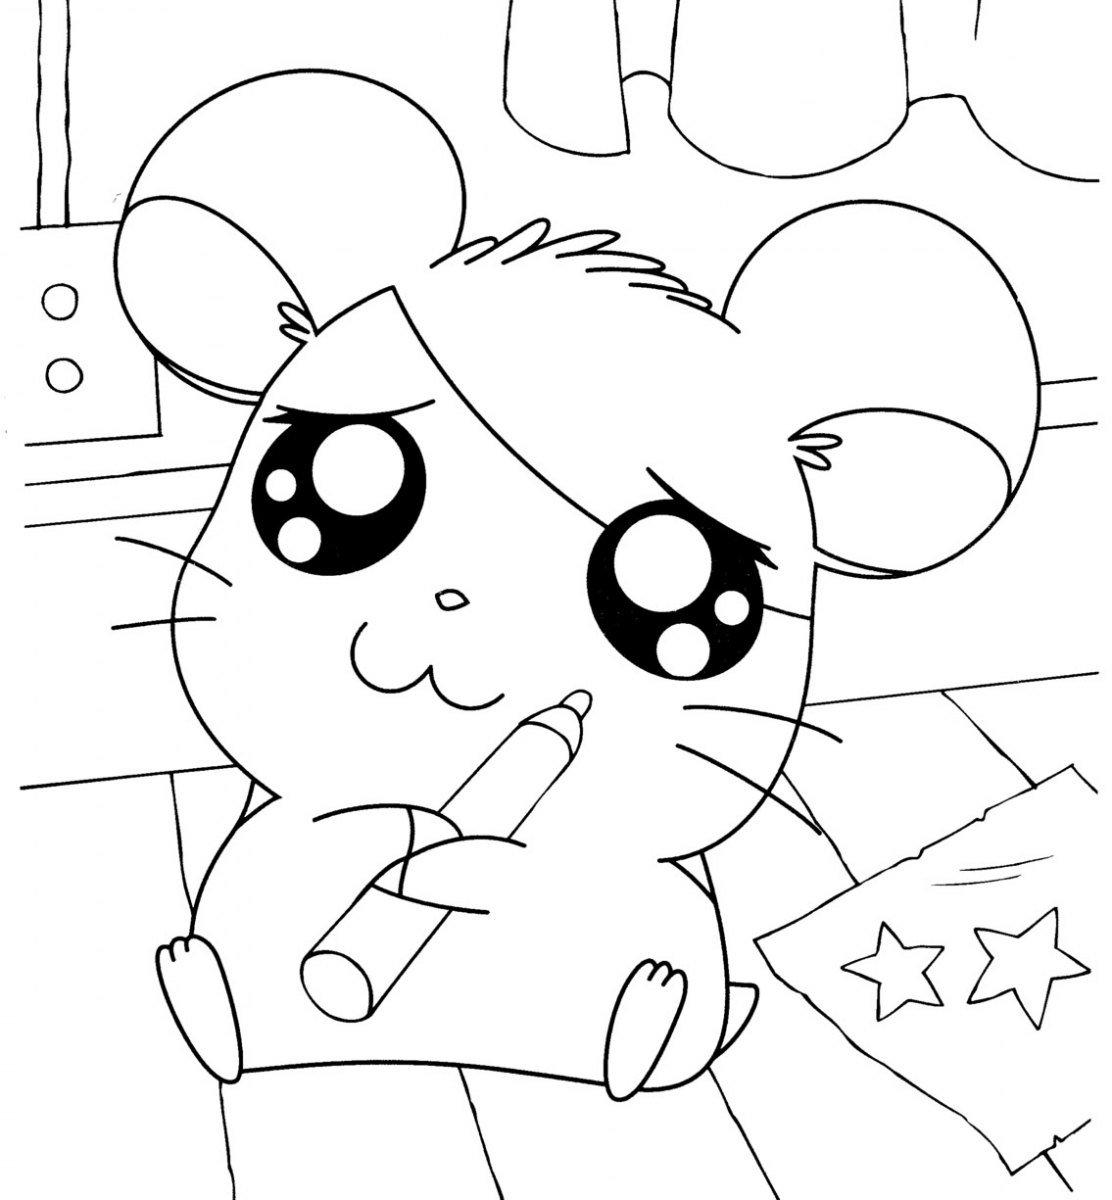 Dibujos para colorear de h msters colorear im genes for Imagenes movibles anime